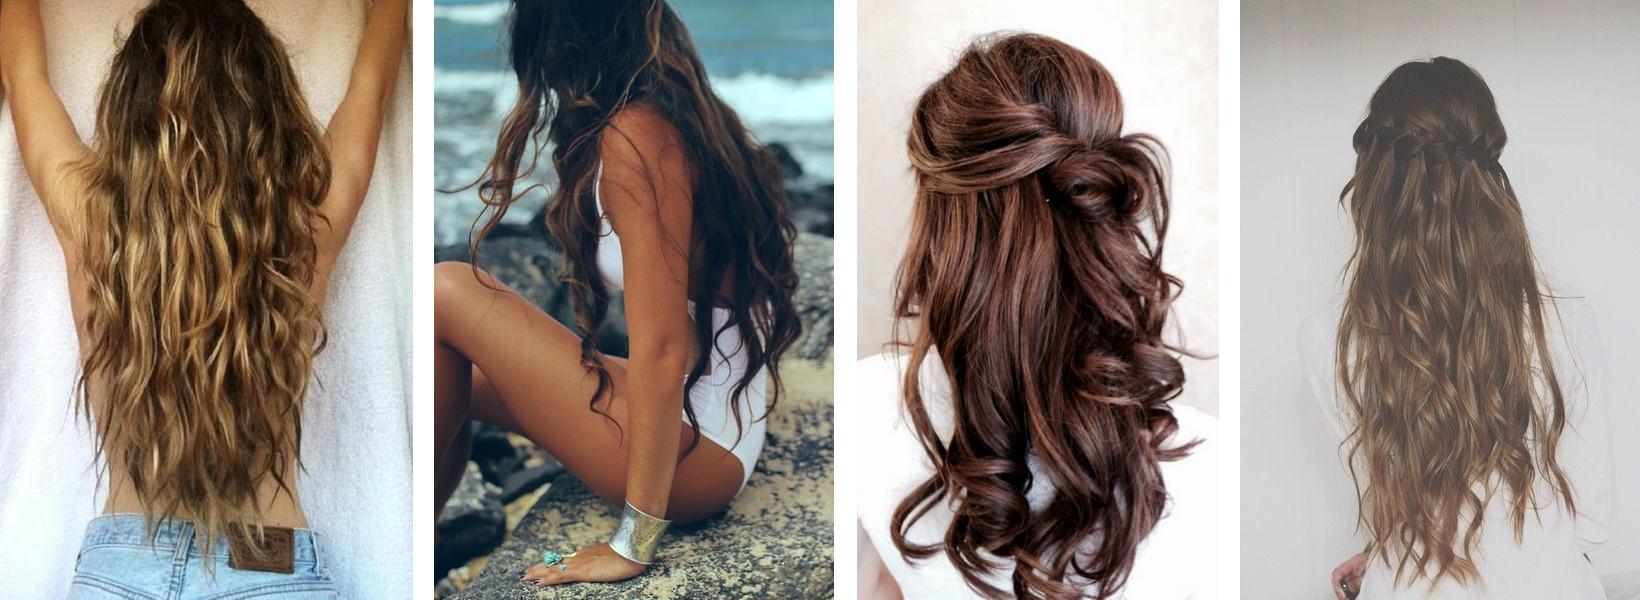 Soins naturels pour cheveux longs